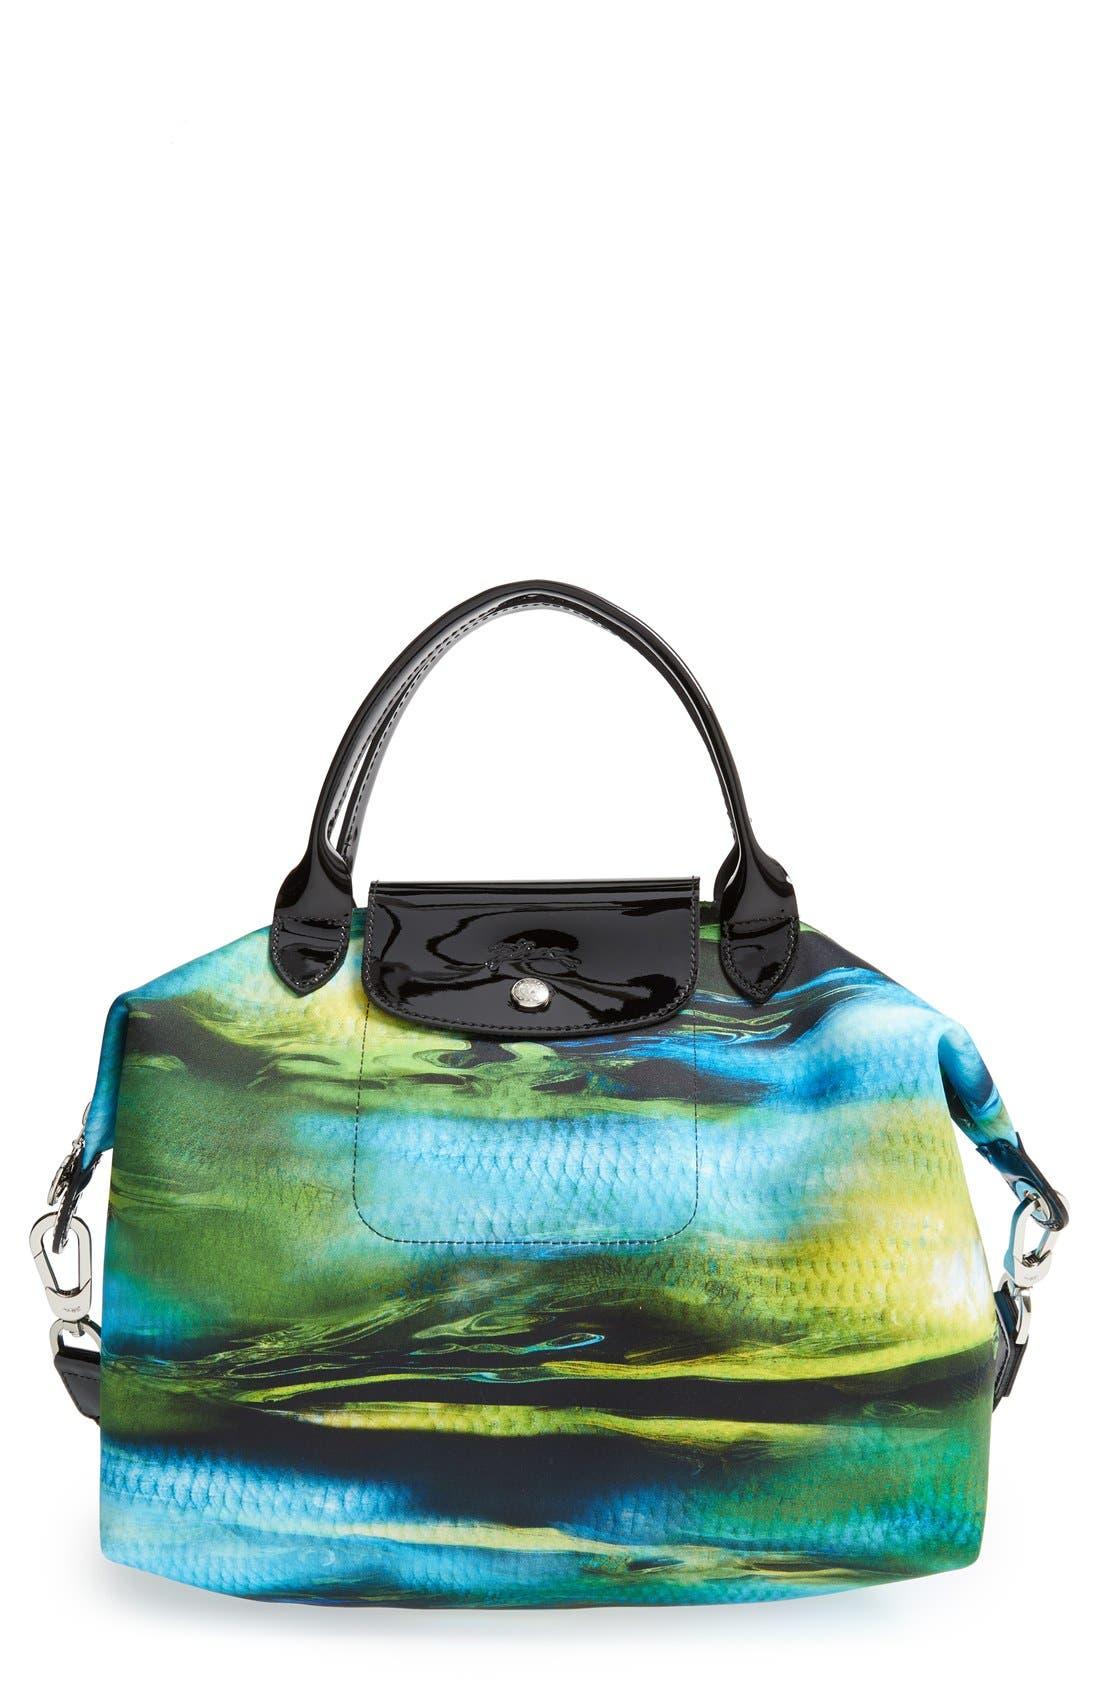 Main Image - Longchamp 'Le Pliage - Neo Fantaisie' Top Handle Bag